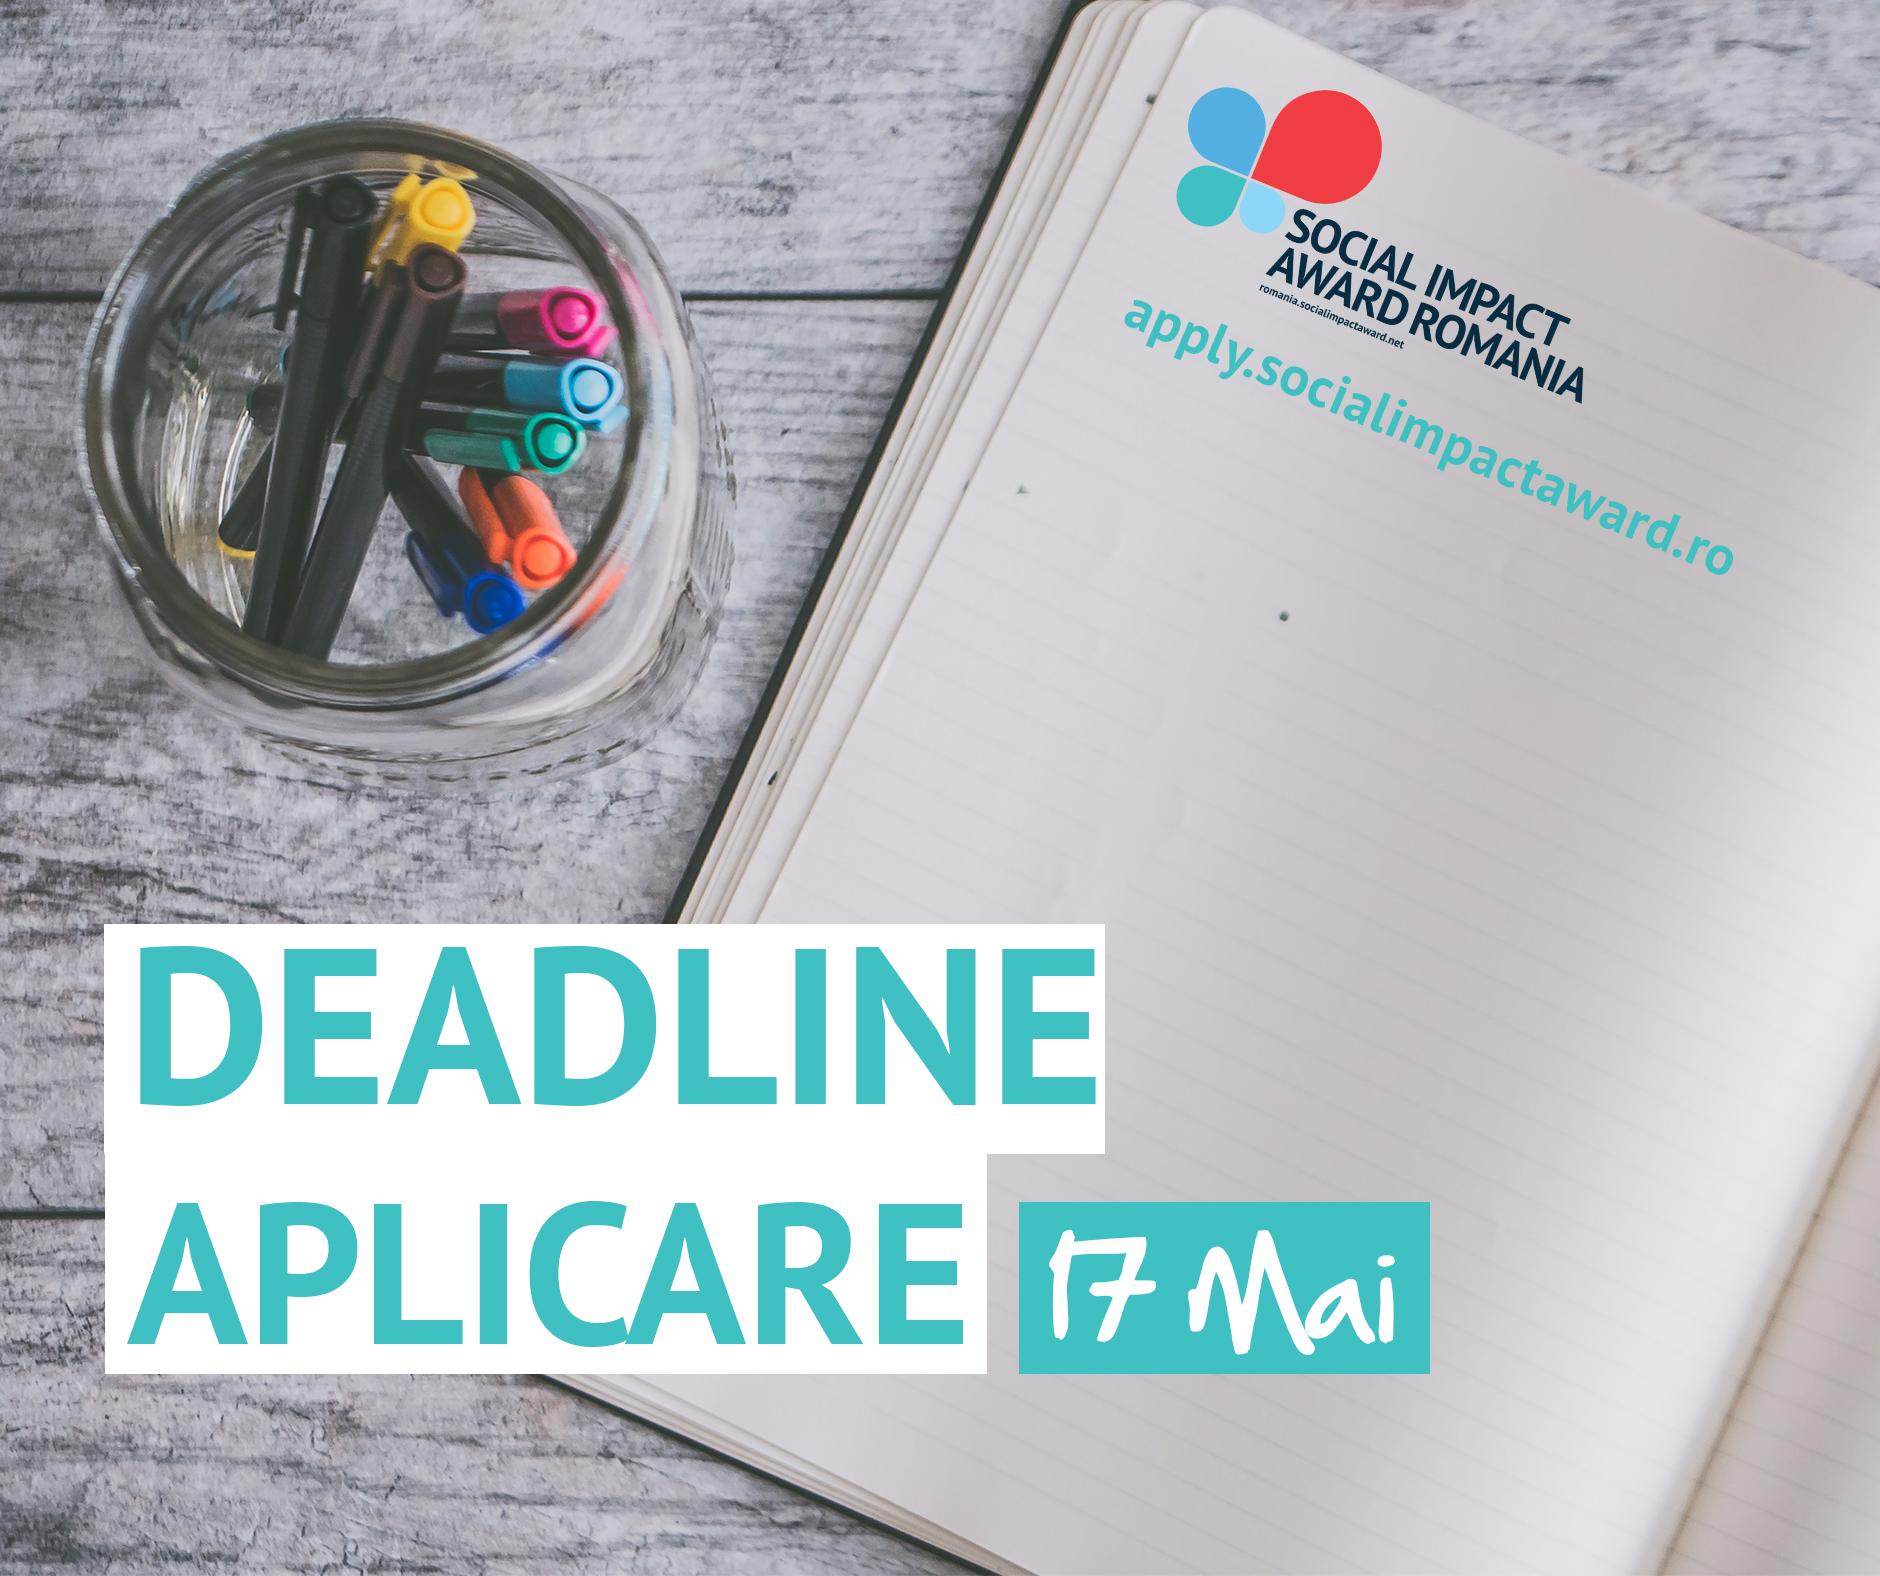 Aplică până pe 17 mai la Social Impact Award, competiție cu premii de 5000 de euro